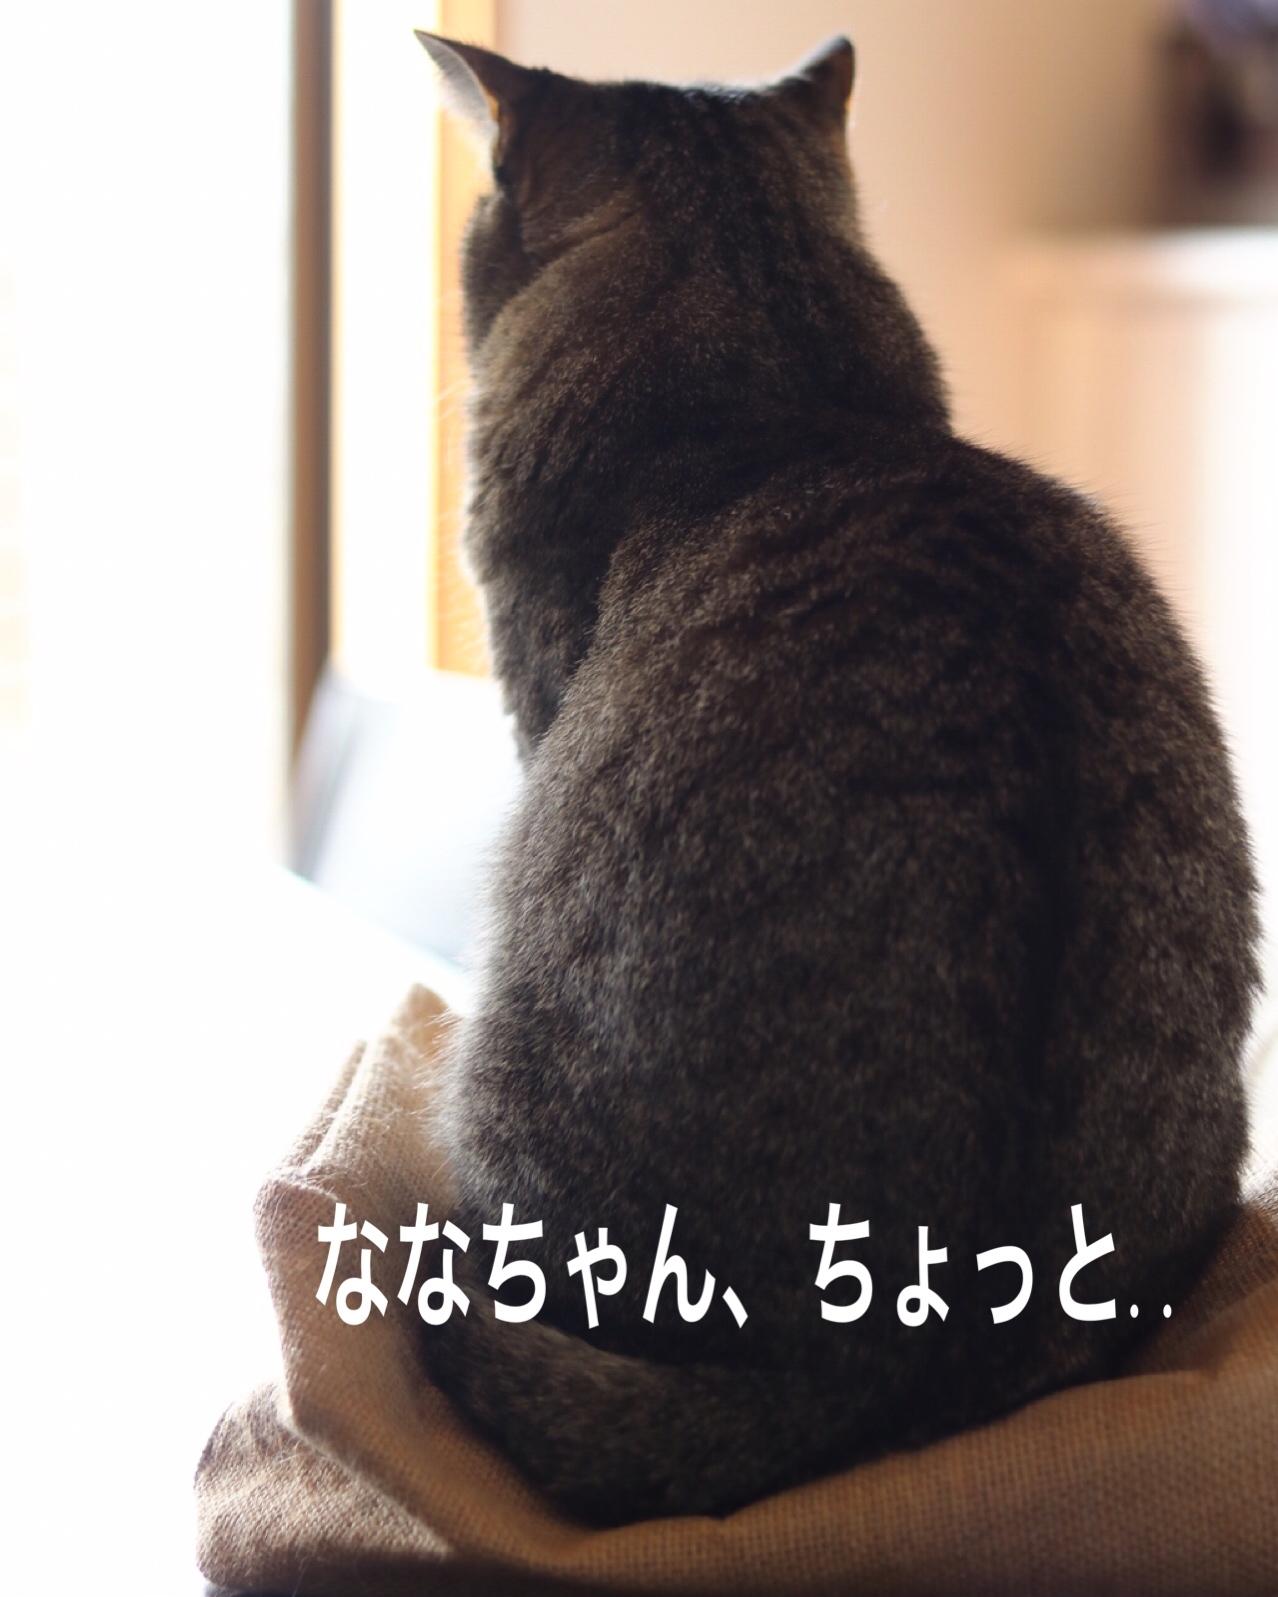 にゃんこ劇場「猫耳東風!」_c0366722_12223905.jpeg